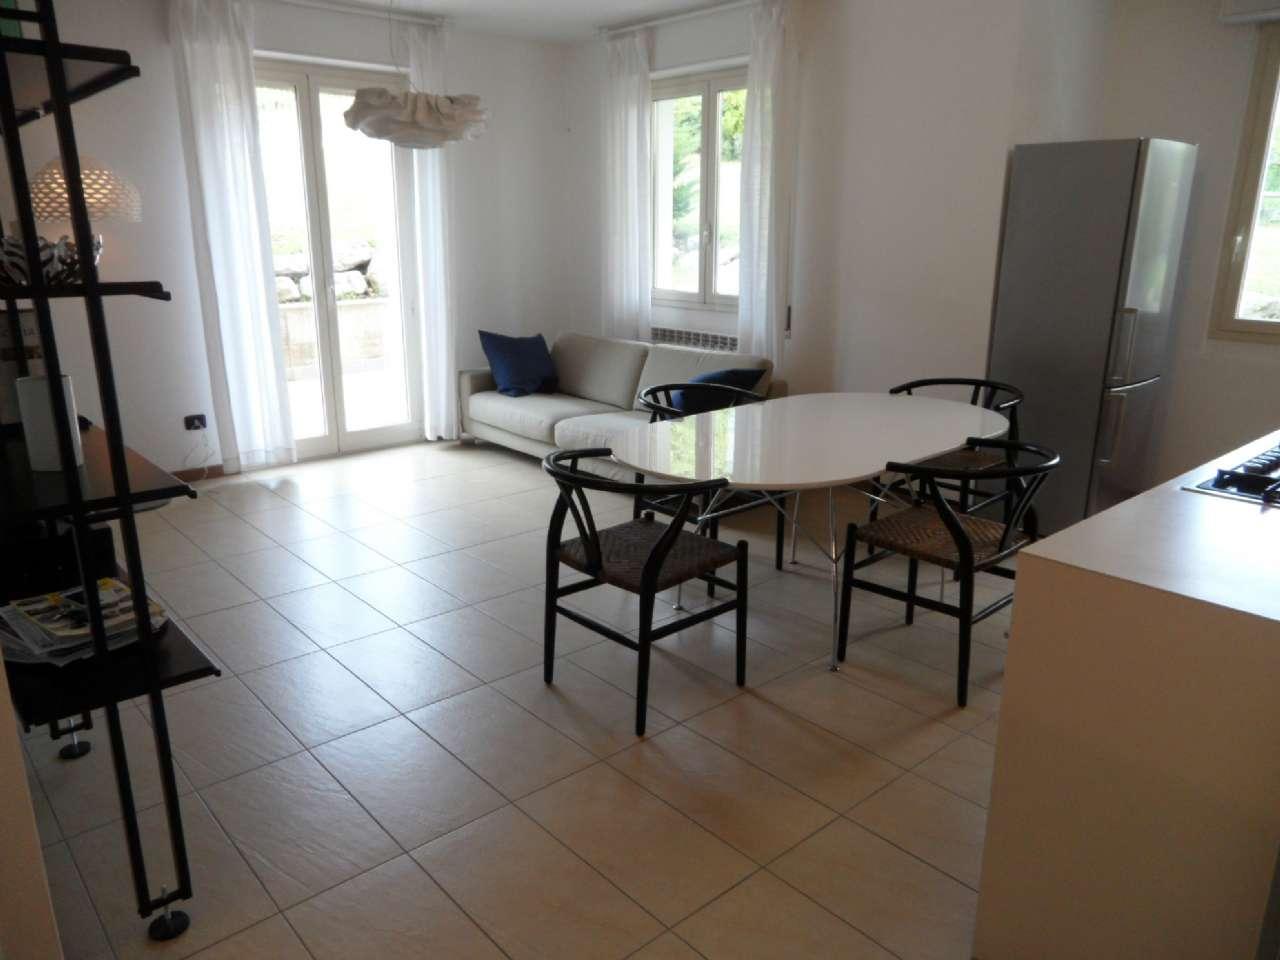 Appartamento in vendita a Trescore Balneario, 3 locali, prezzo € 158.000 | CambioCasa.it